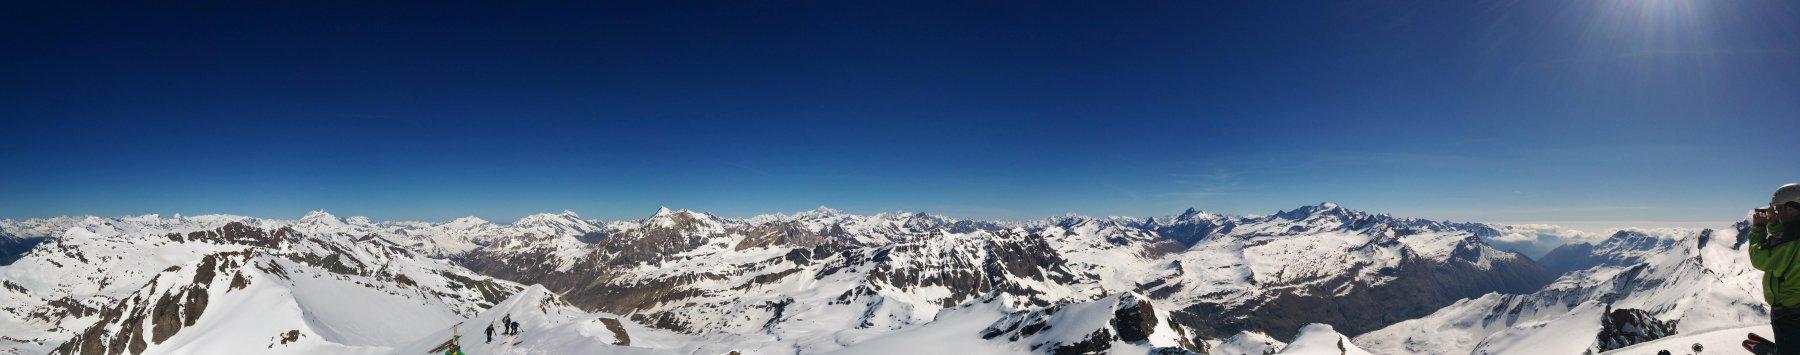 Panoramica WNW dalla cima